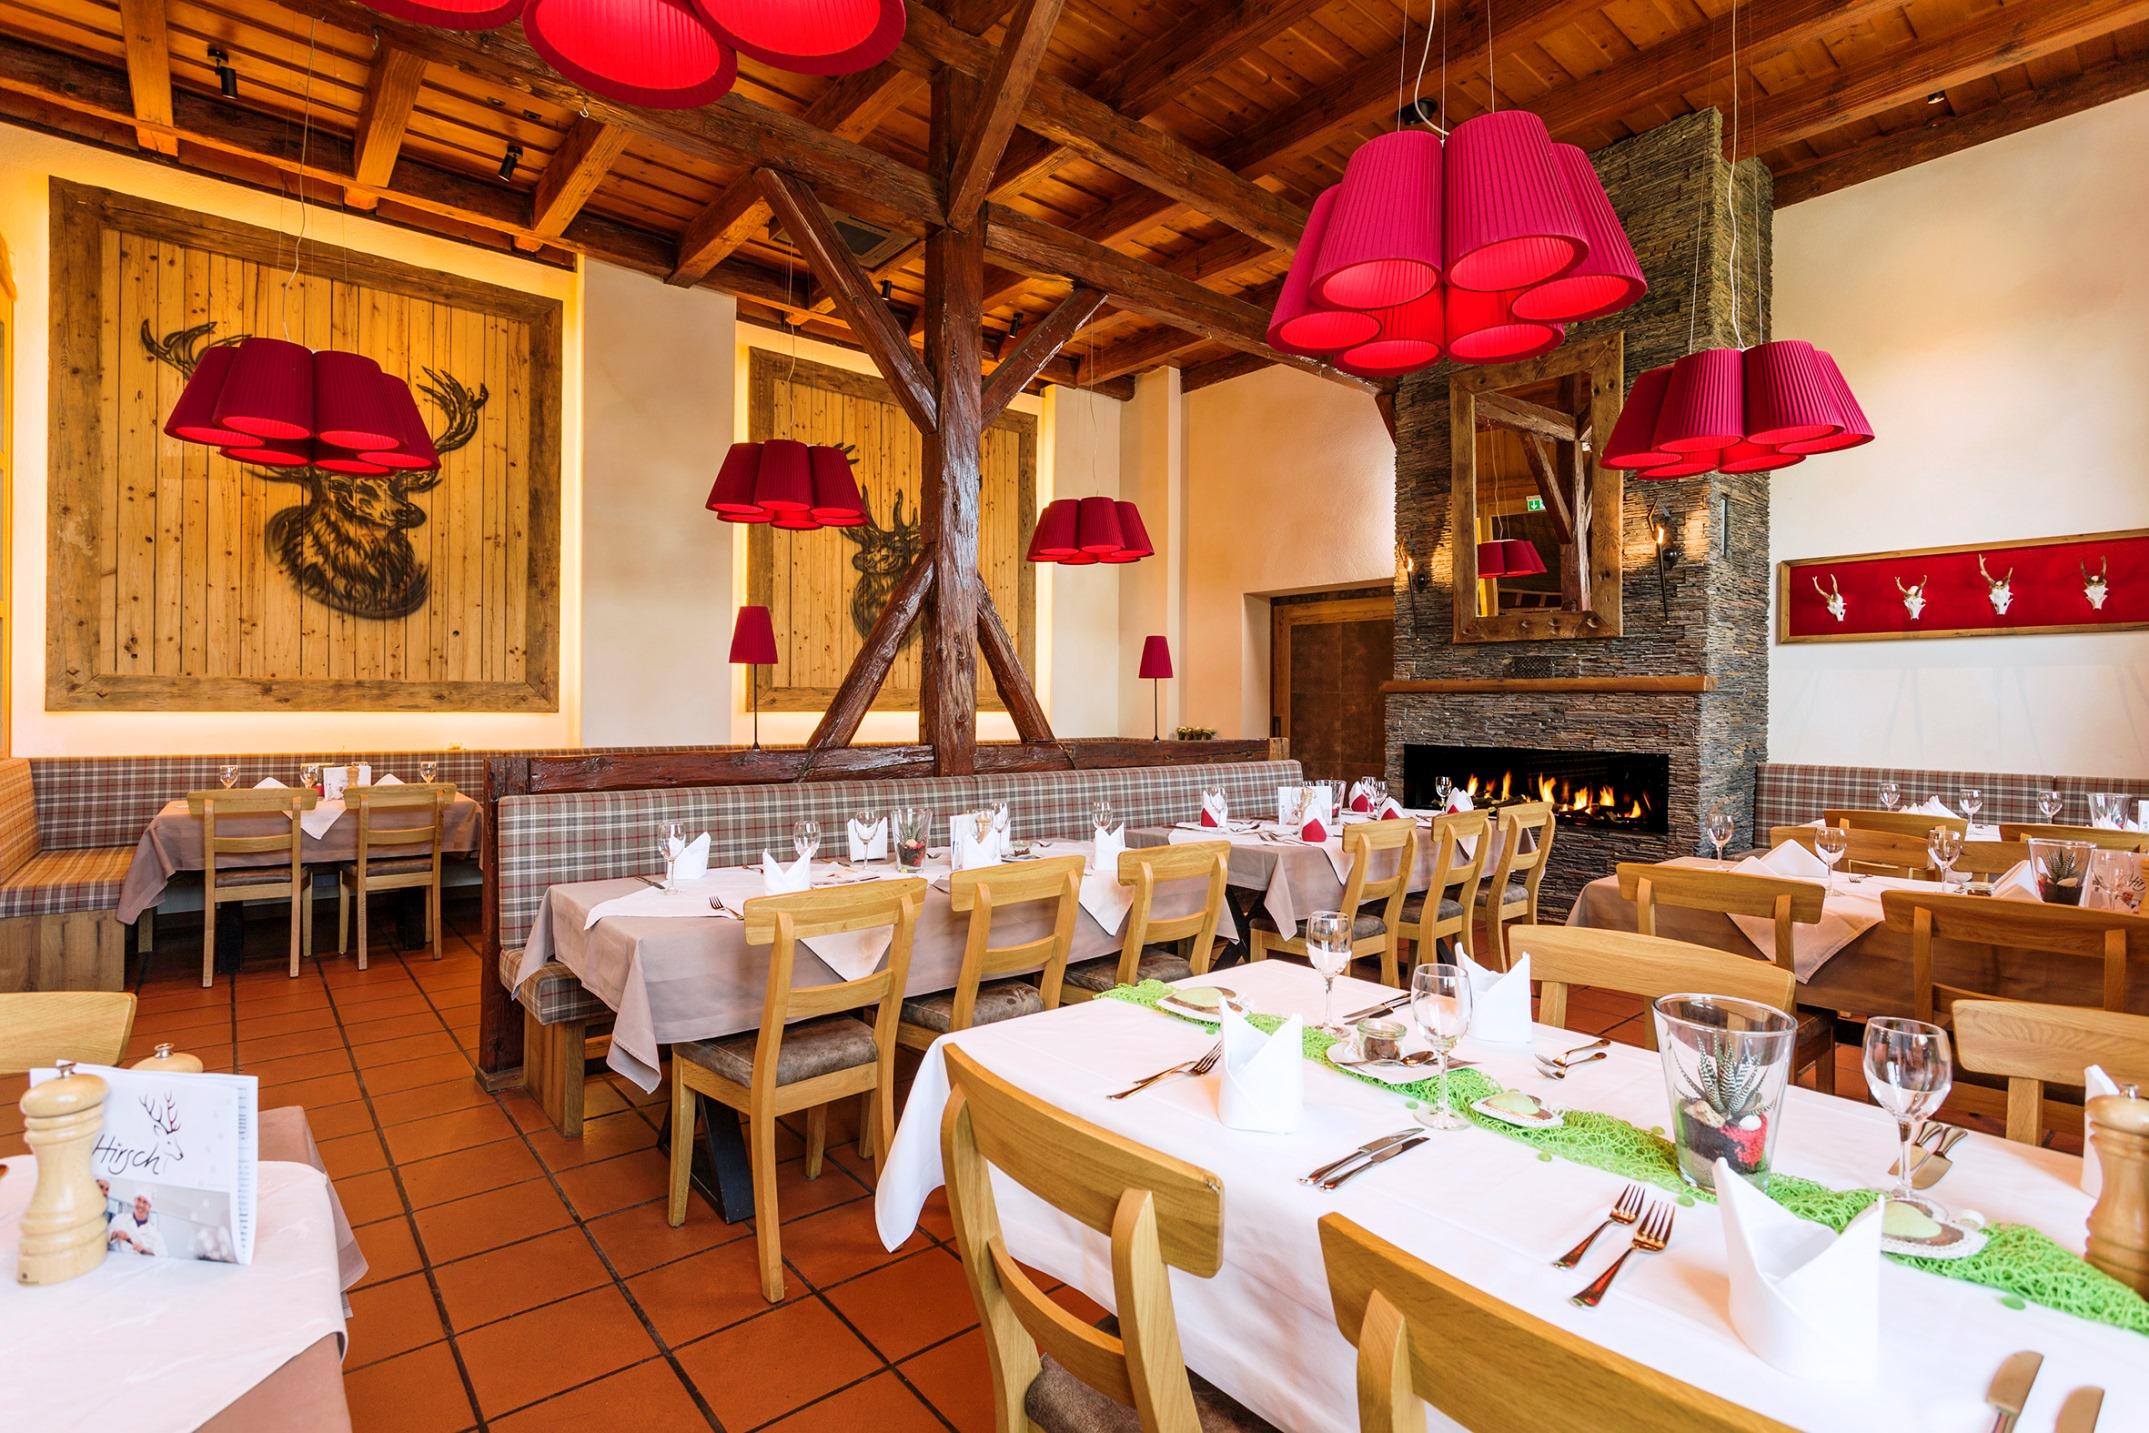 Hirsch Hotel-Restaurant in Finningen